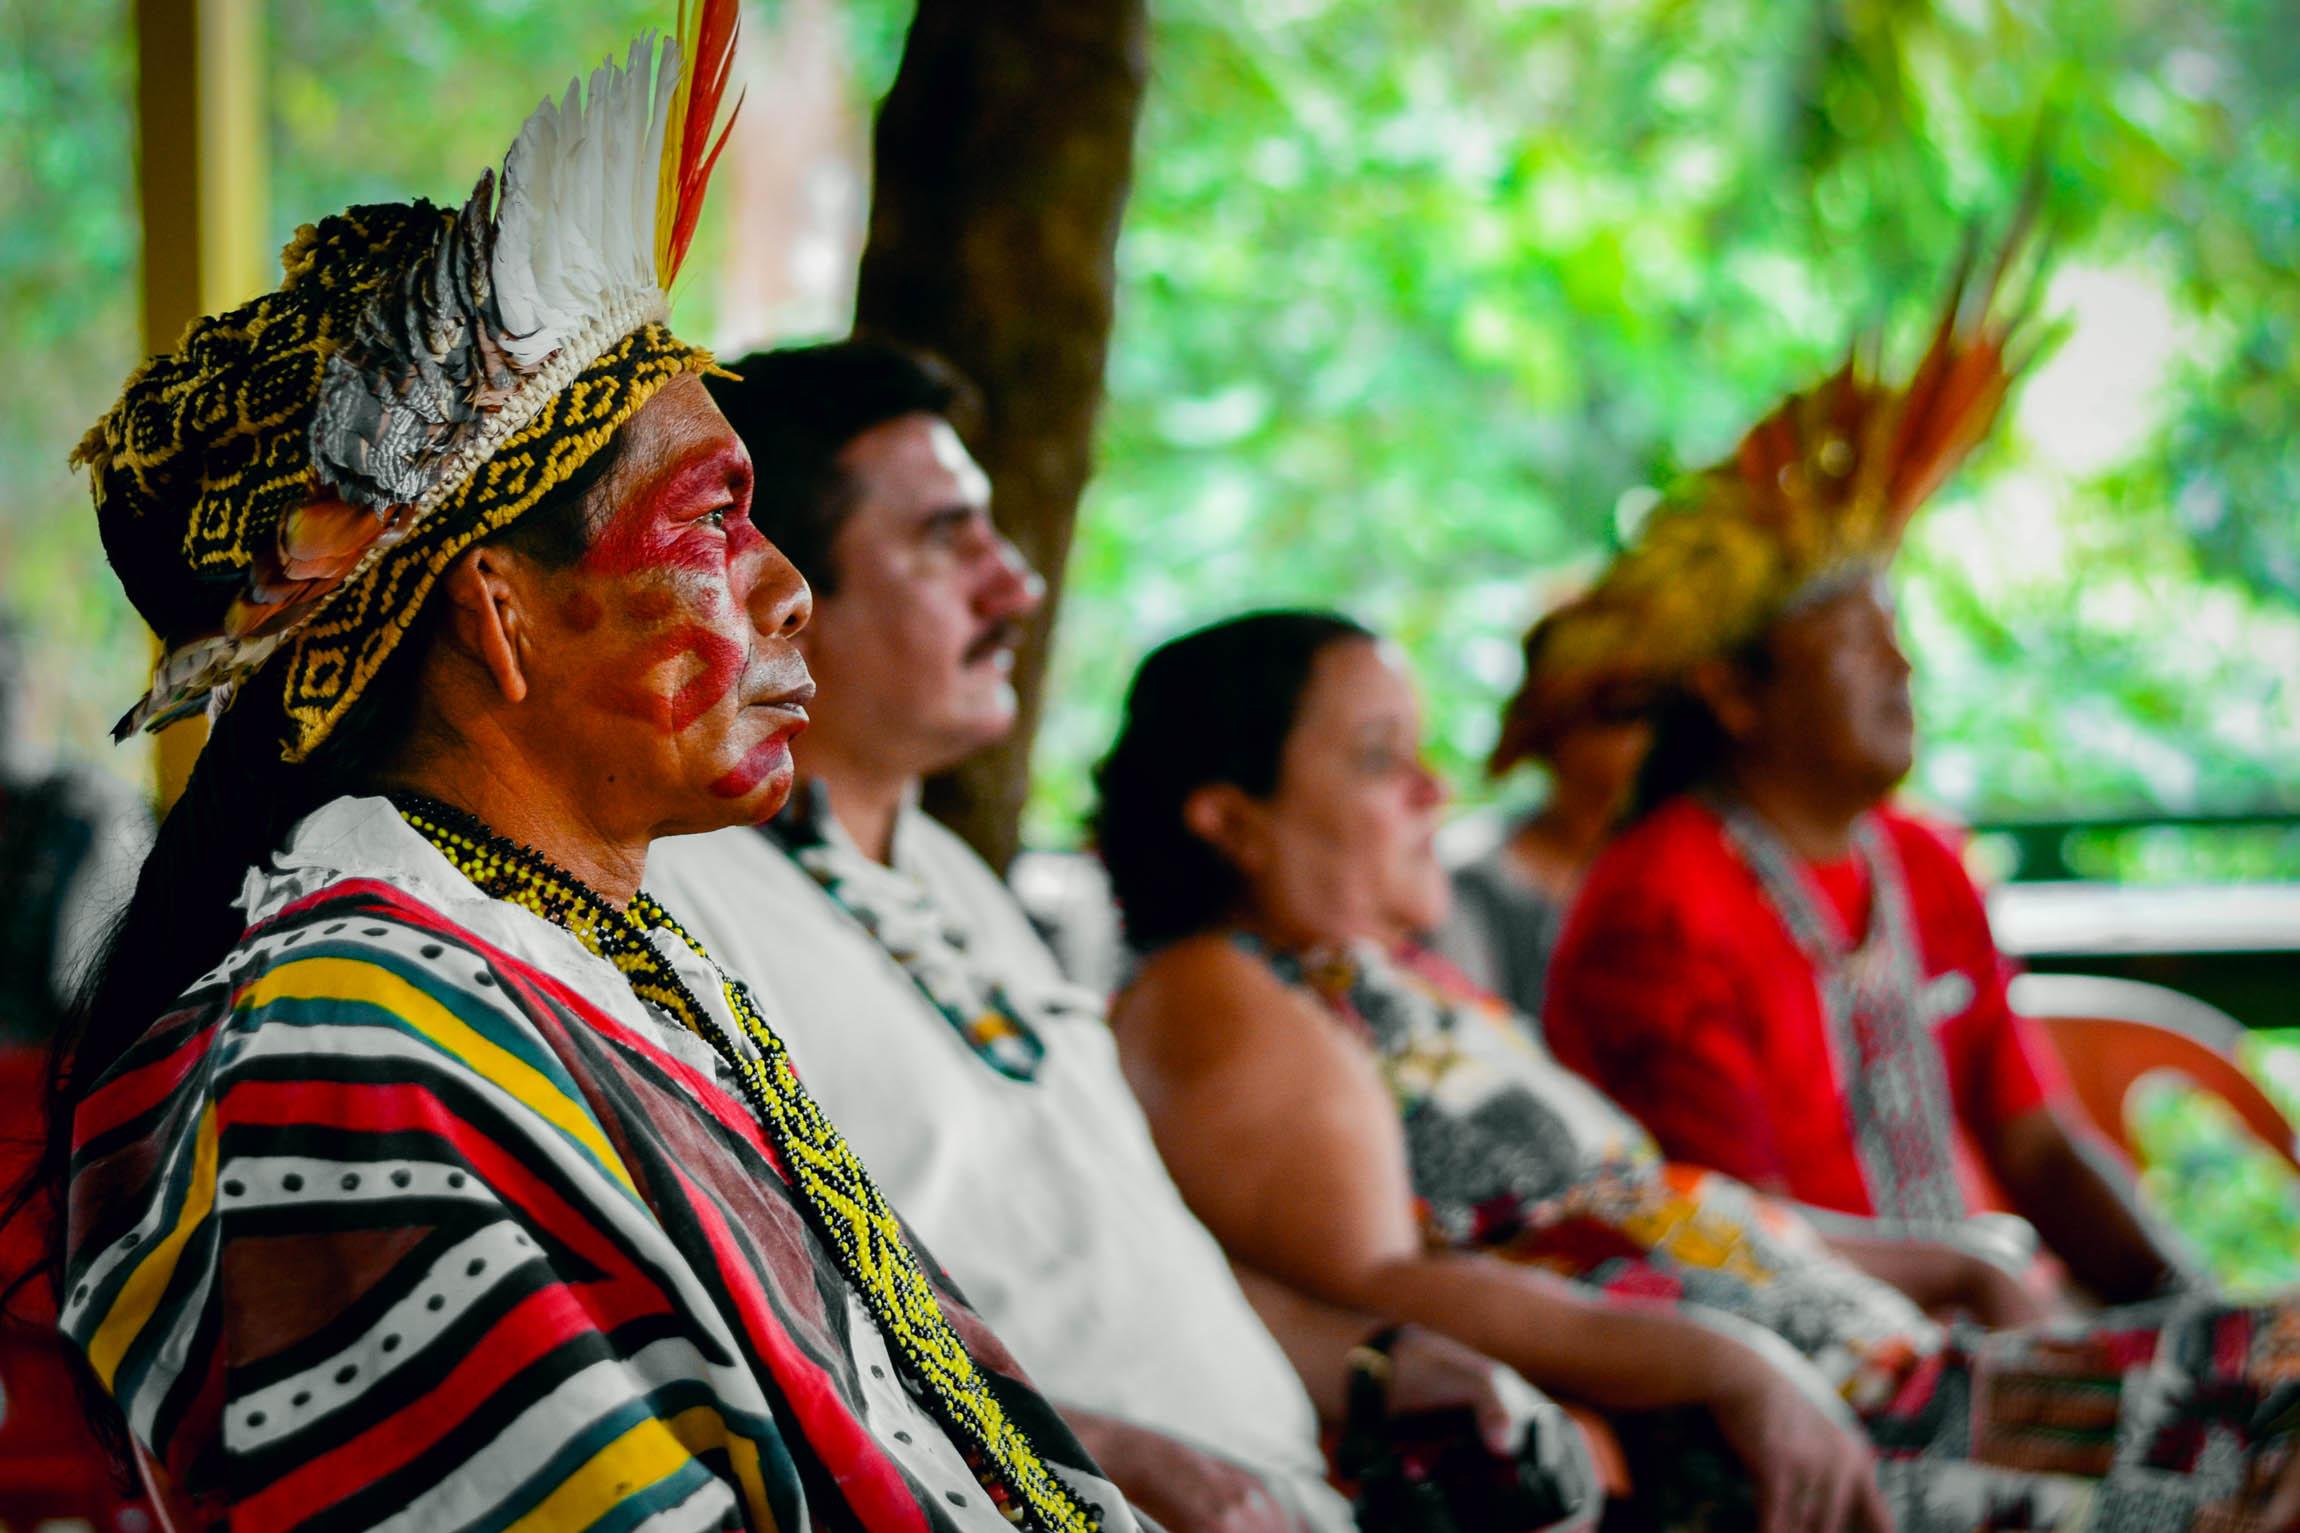 Denúncia: No Acre, lideranças indígenas e extrativistas são ameaçadas por se posicionarem contra políticas de 'economia verde'